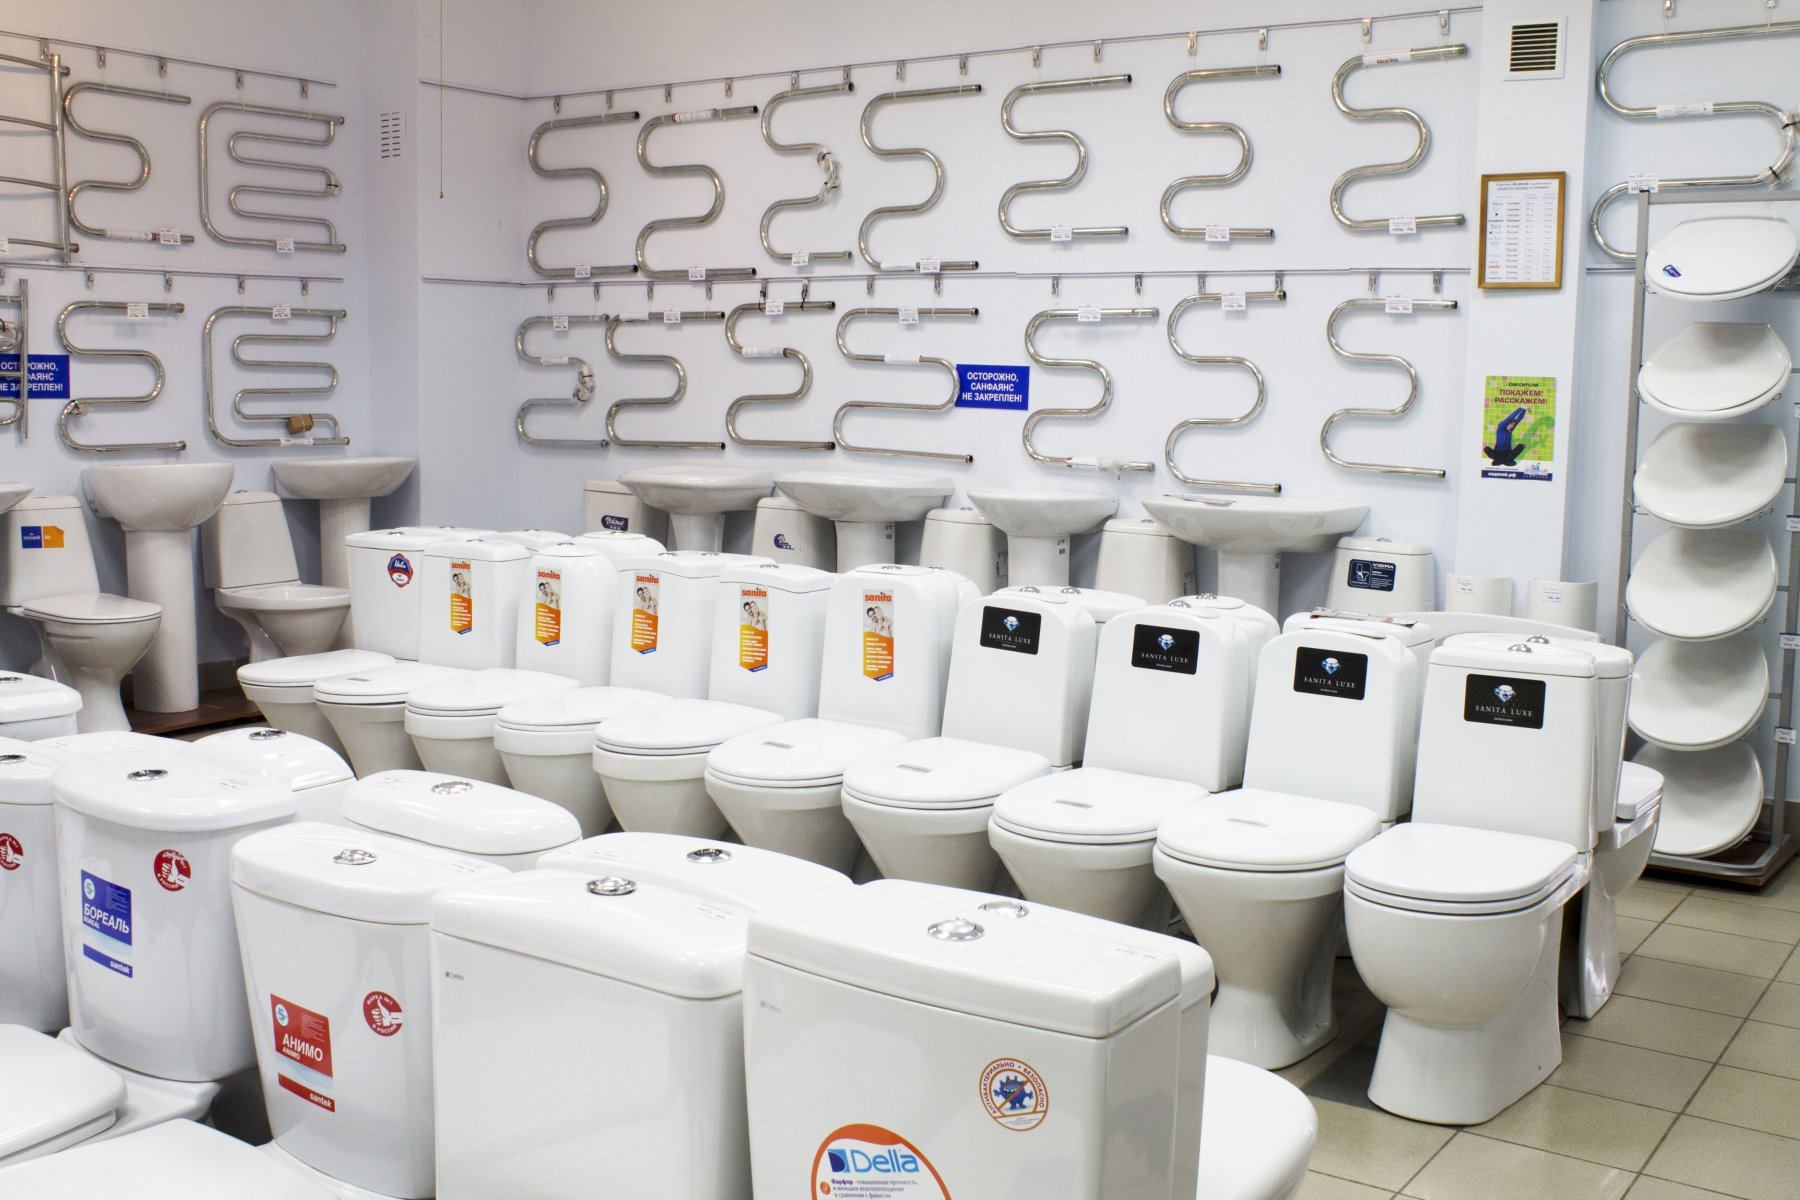 Компания водяной в томске официальный сайт интернет магазин конфеты сделай сам